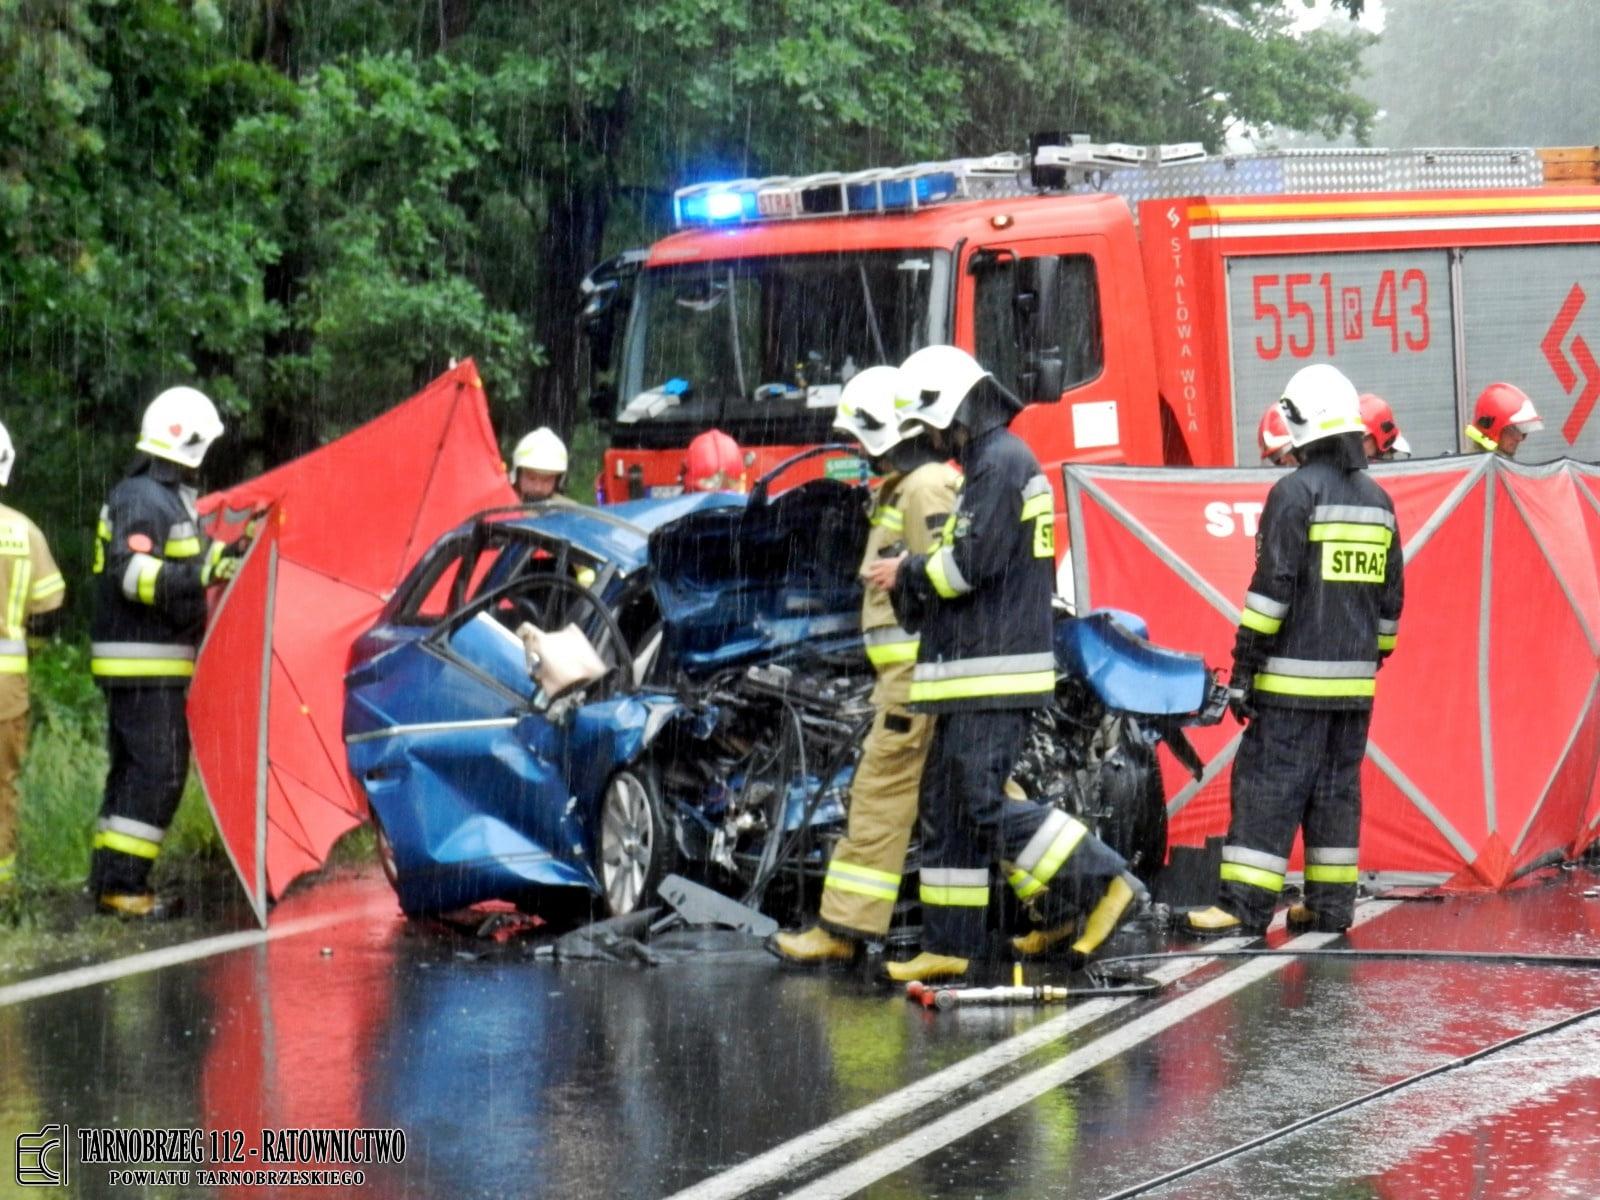 Podkarpacie: Zabił dwie osoby w wypadku samochodowym. Teraz może wyjść ze szpitala do... domu?! - Zdjęcie główne